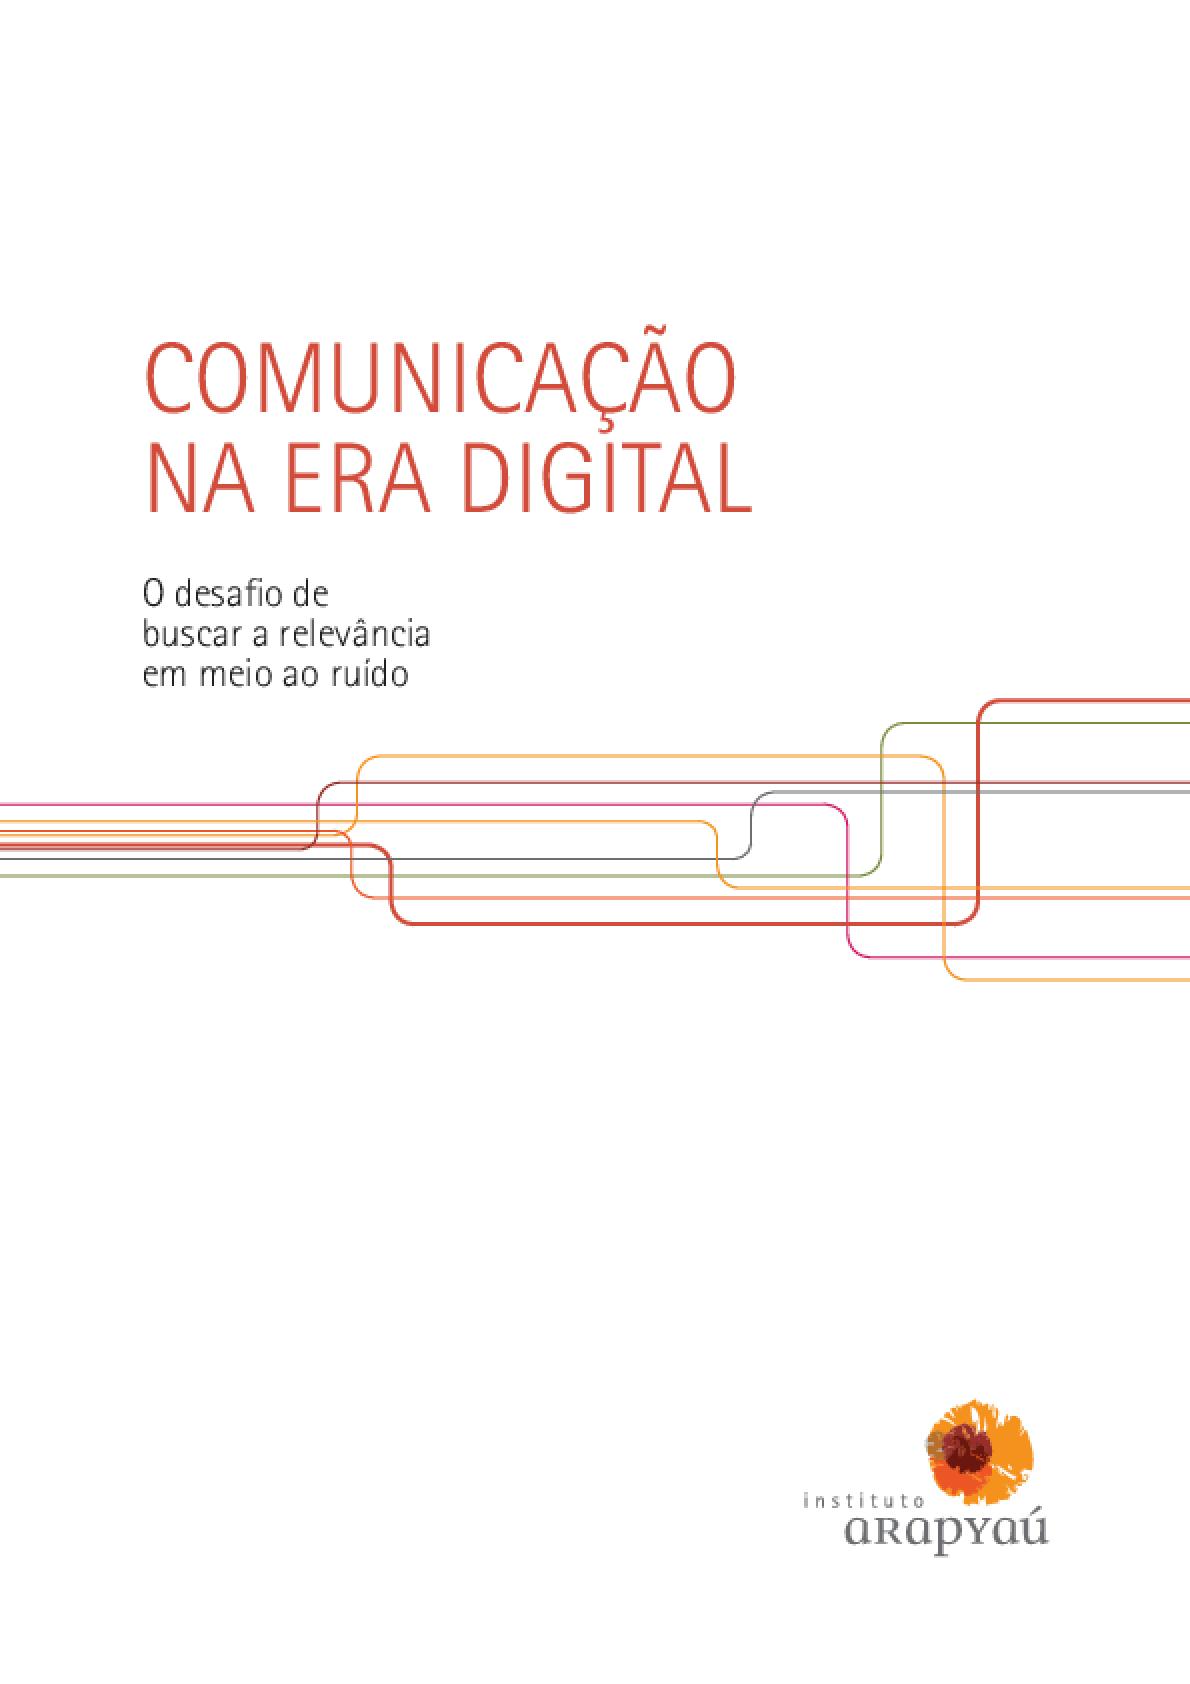 Comunicação na era digital: o desafio de buscar relevância em meio ao ruído